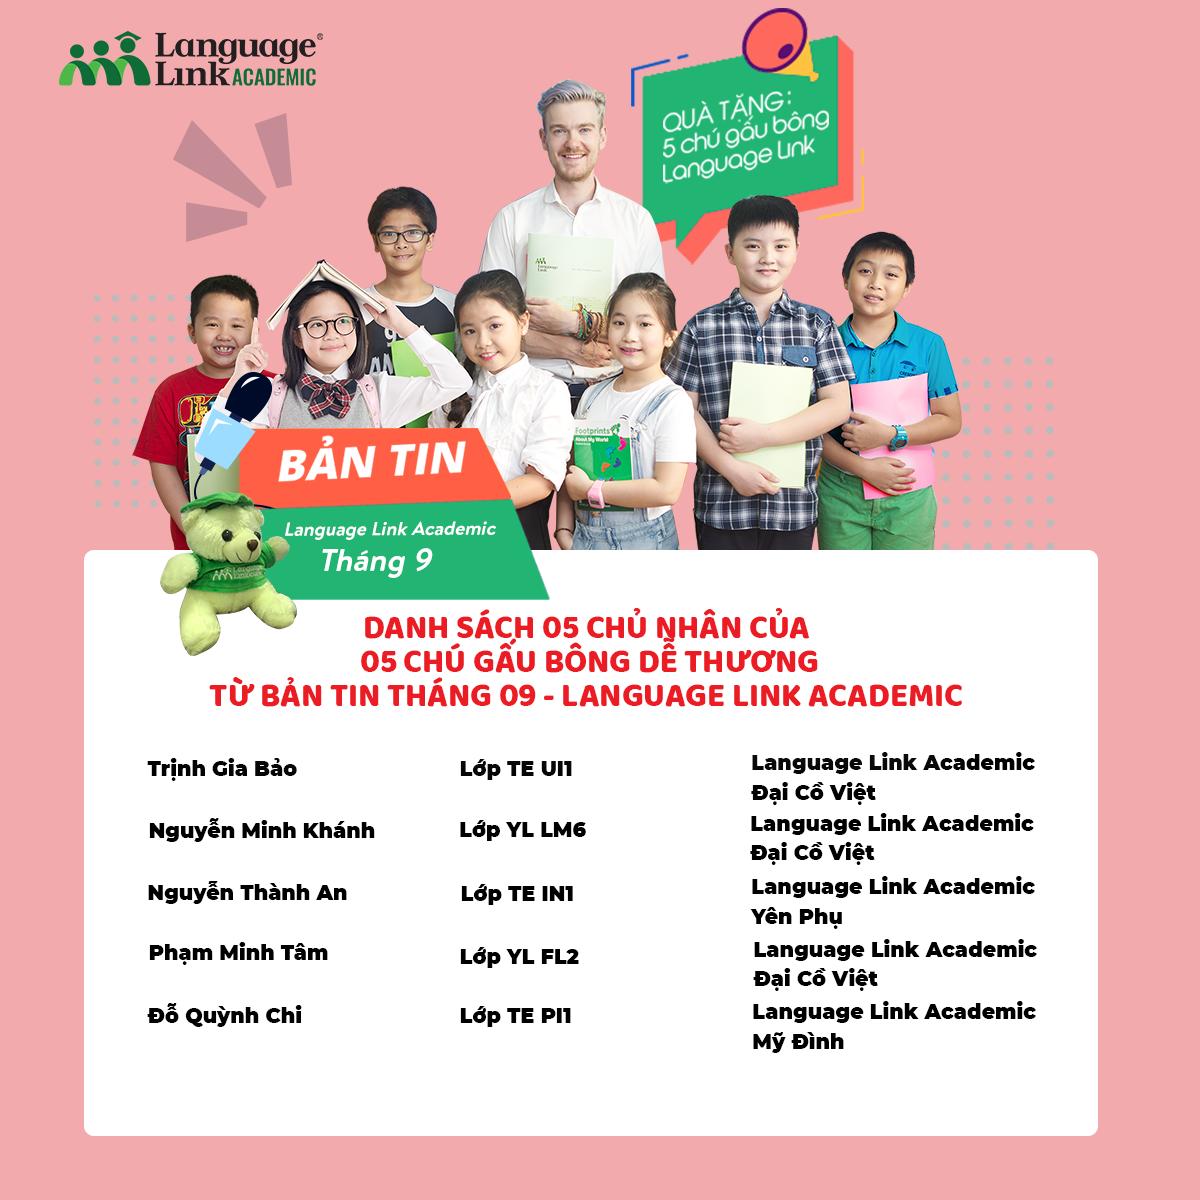 Danh sách các bạn học sinh nhận quà tặng từ bản tin tháng 09 Language Link Academic